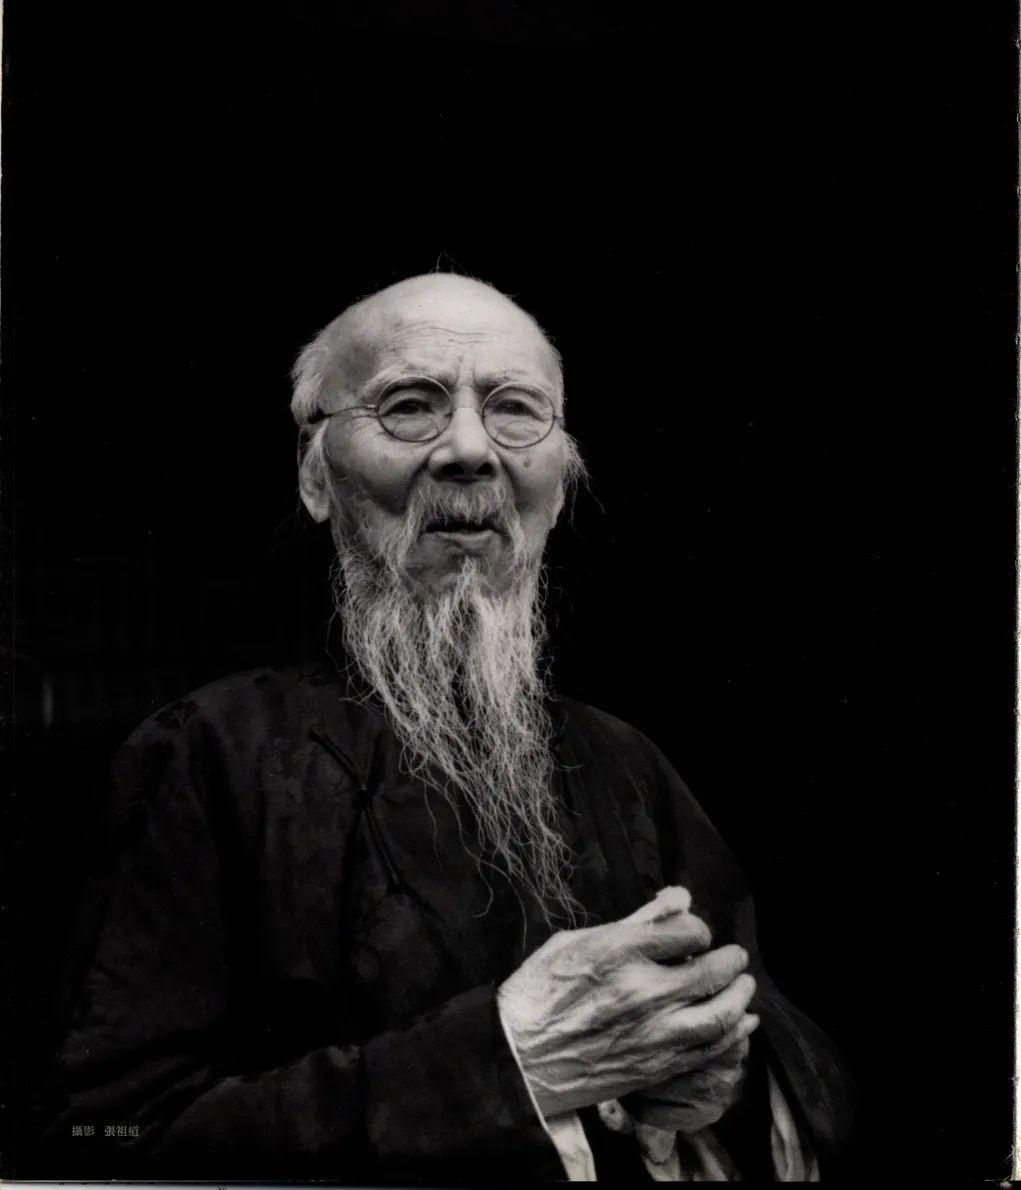 齐白石(1864-1957)